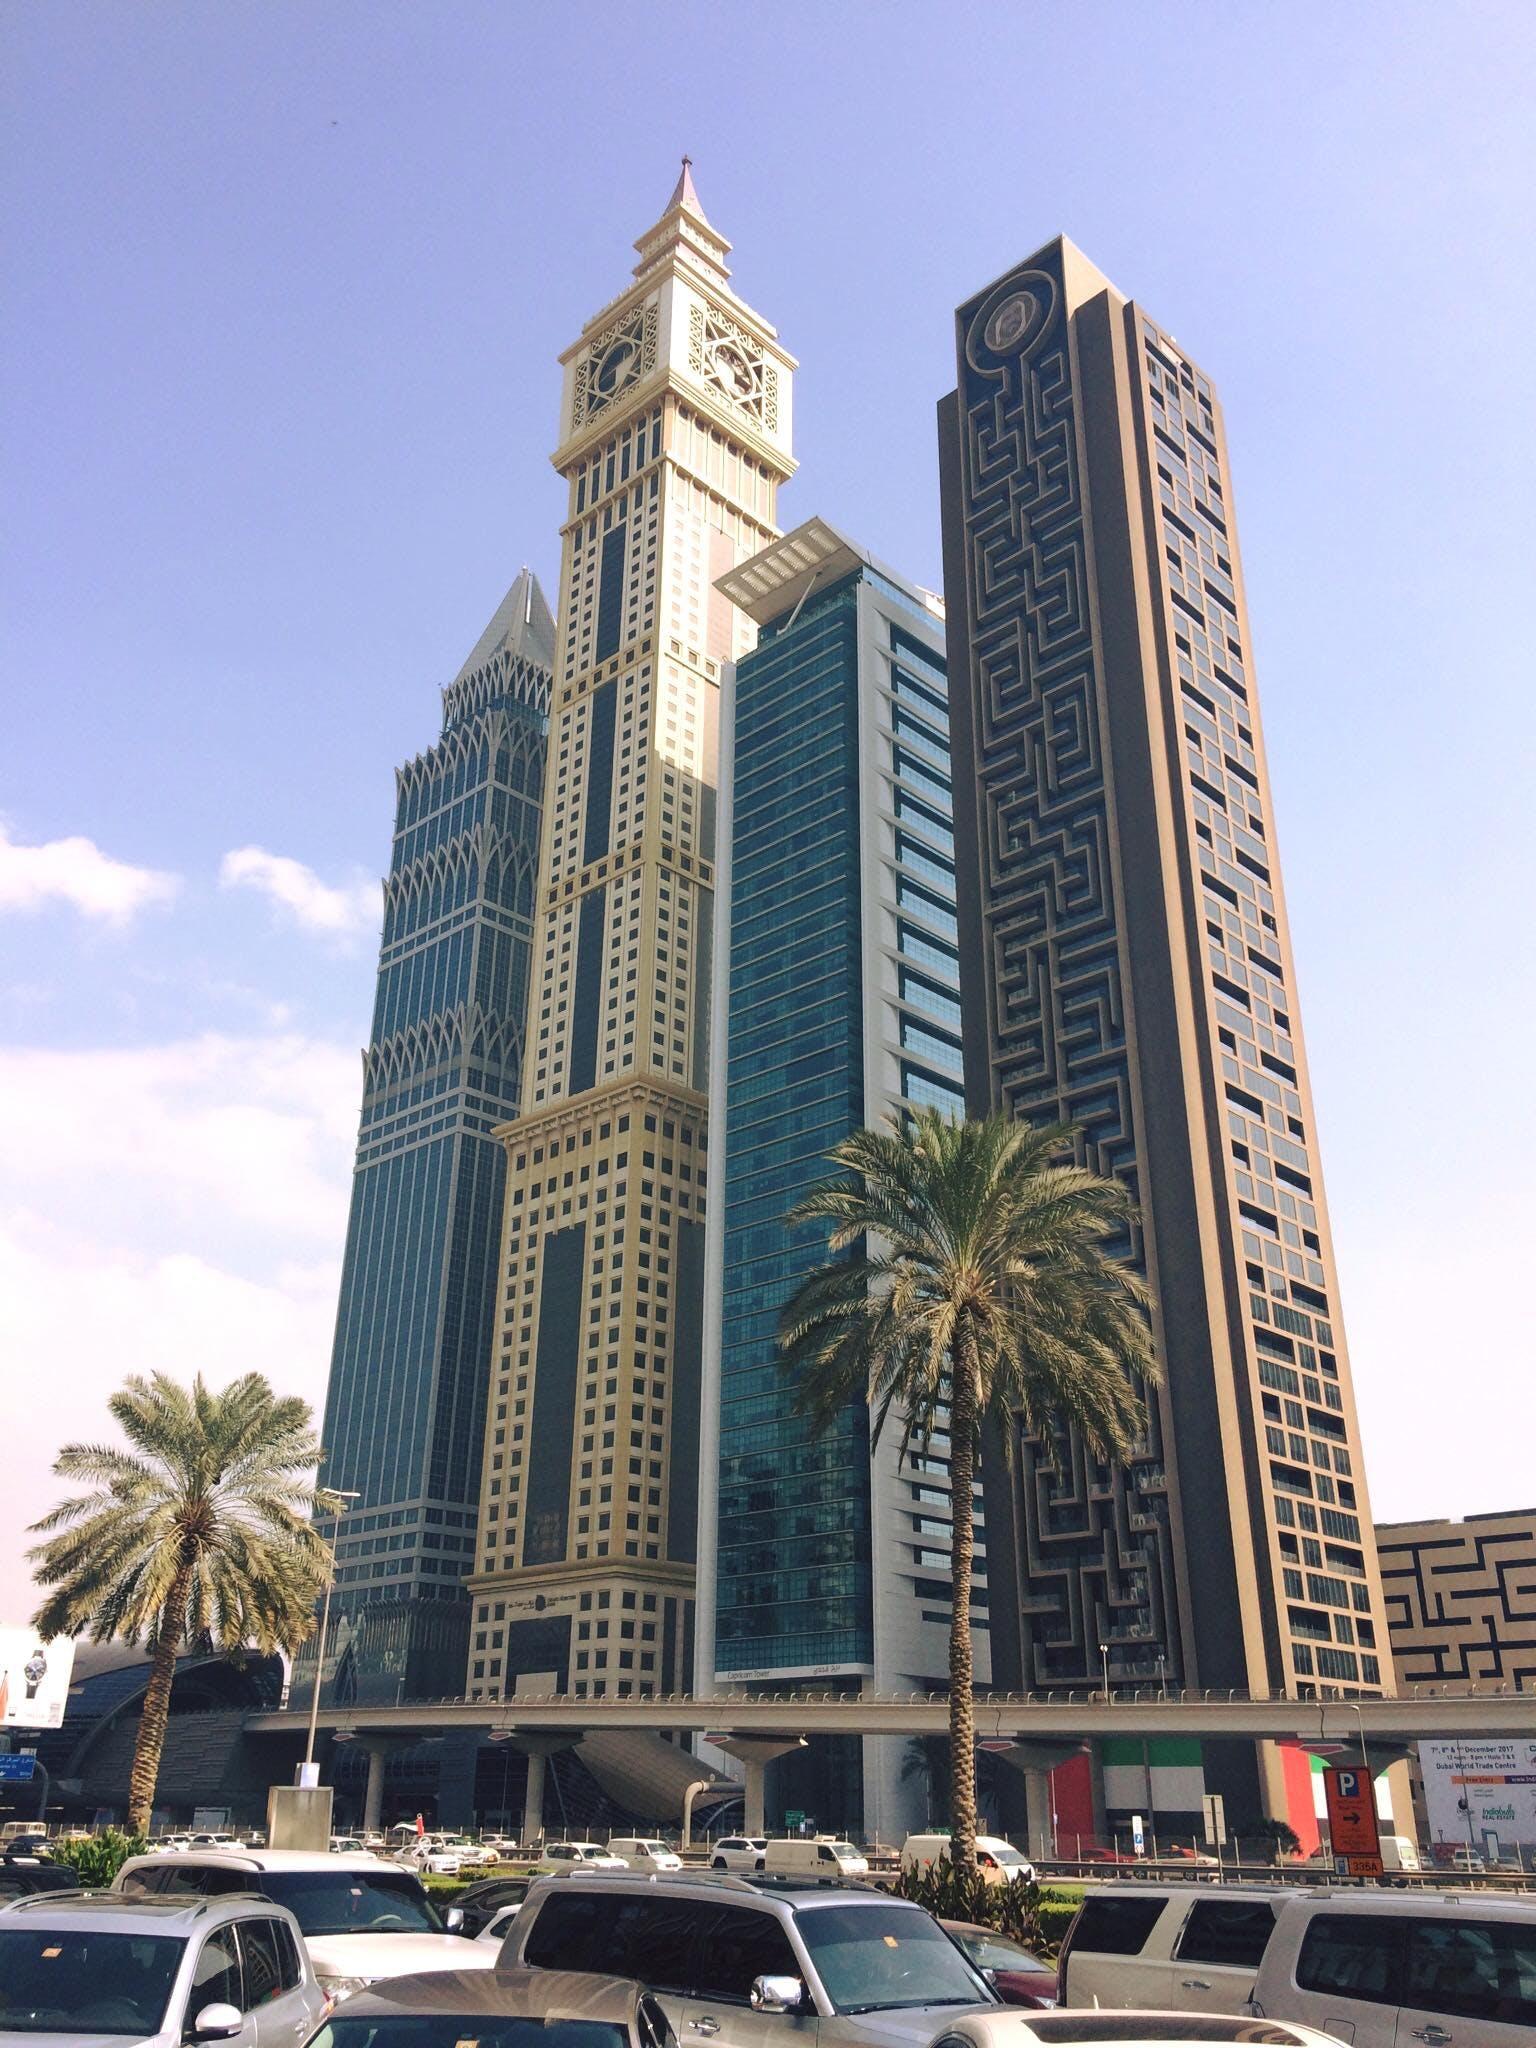 Free stock photo of city view, dubai, Ilovedubai, Maze tower Dubai